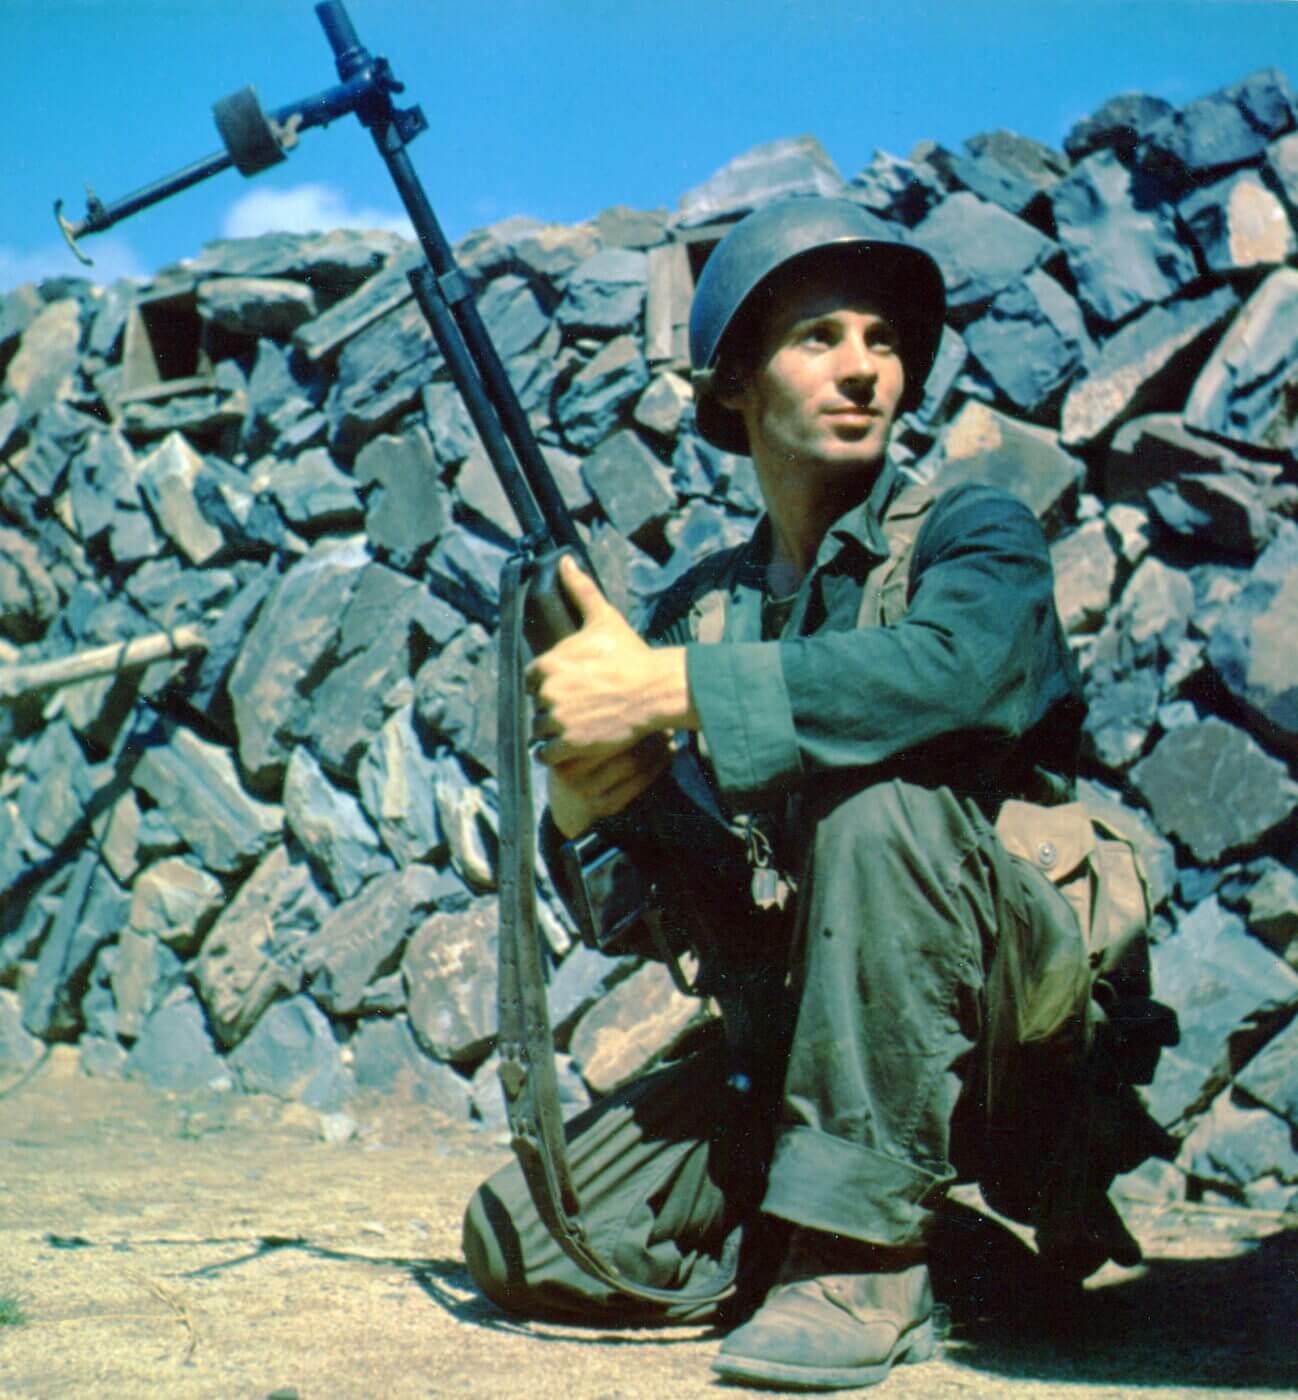 BAR gunner in Korea circa 1952